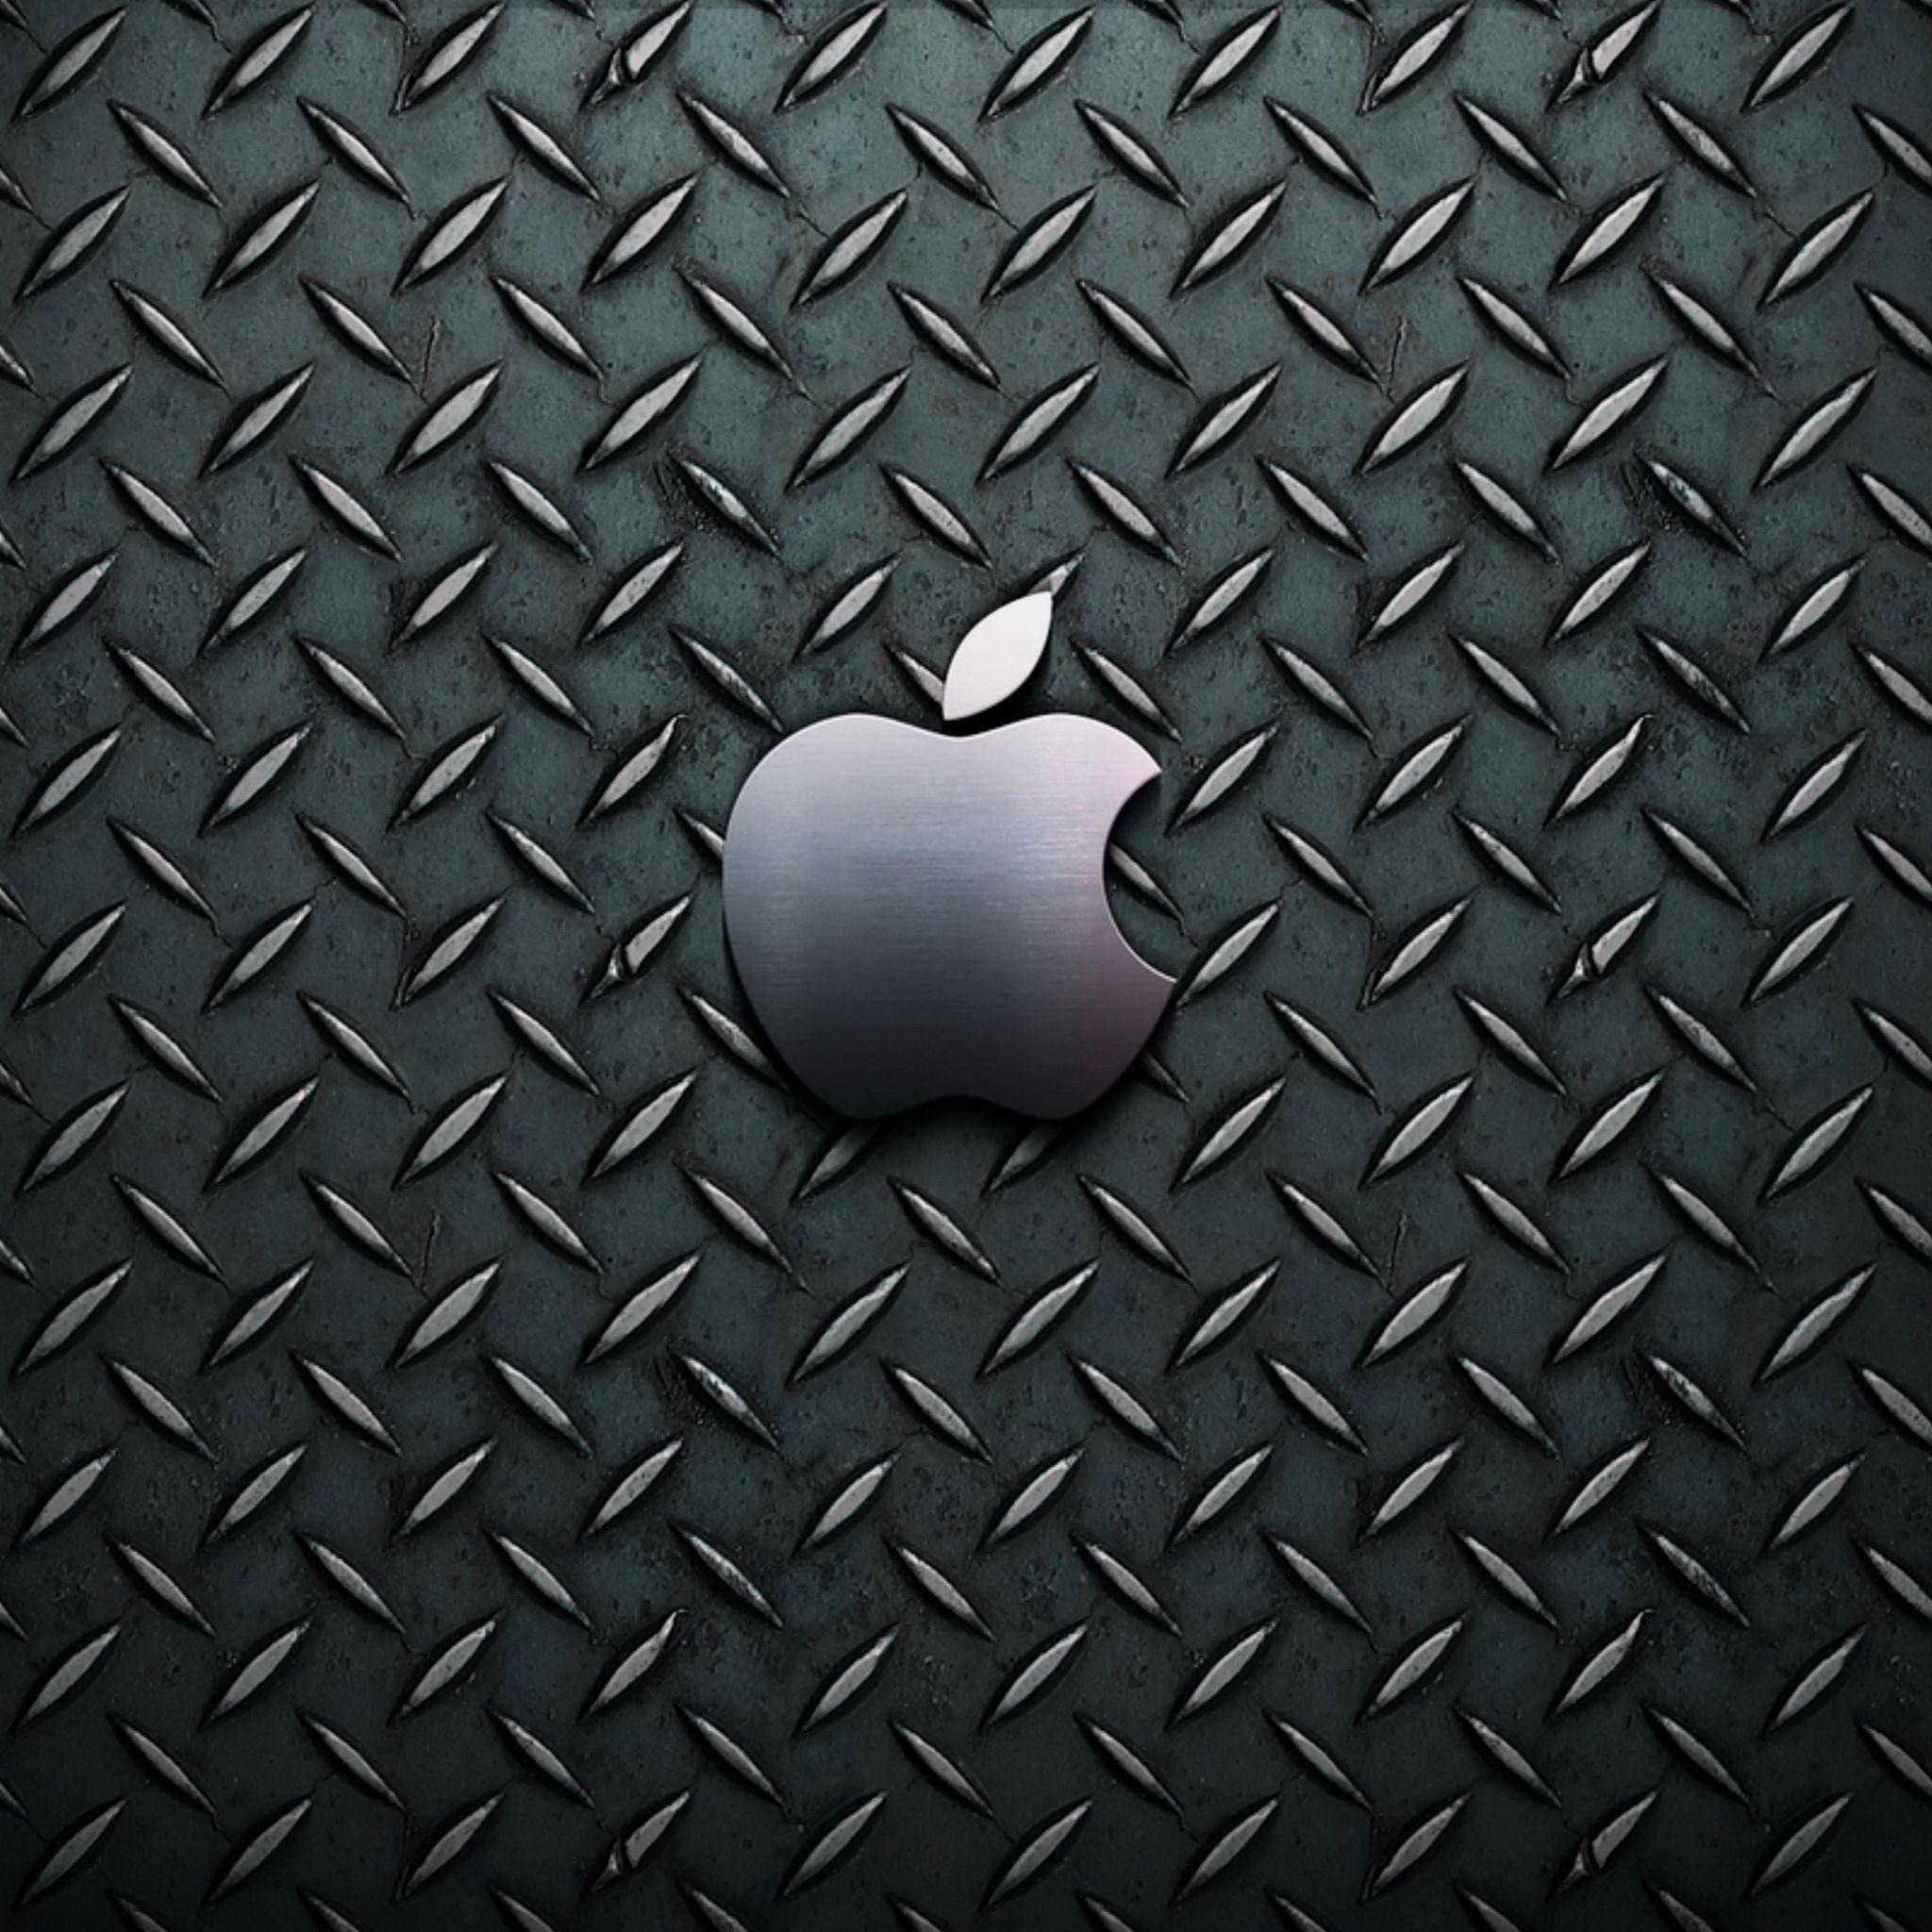 New-ipad-wallpaper-hd-2048×2048-1809